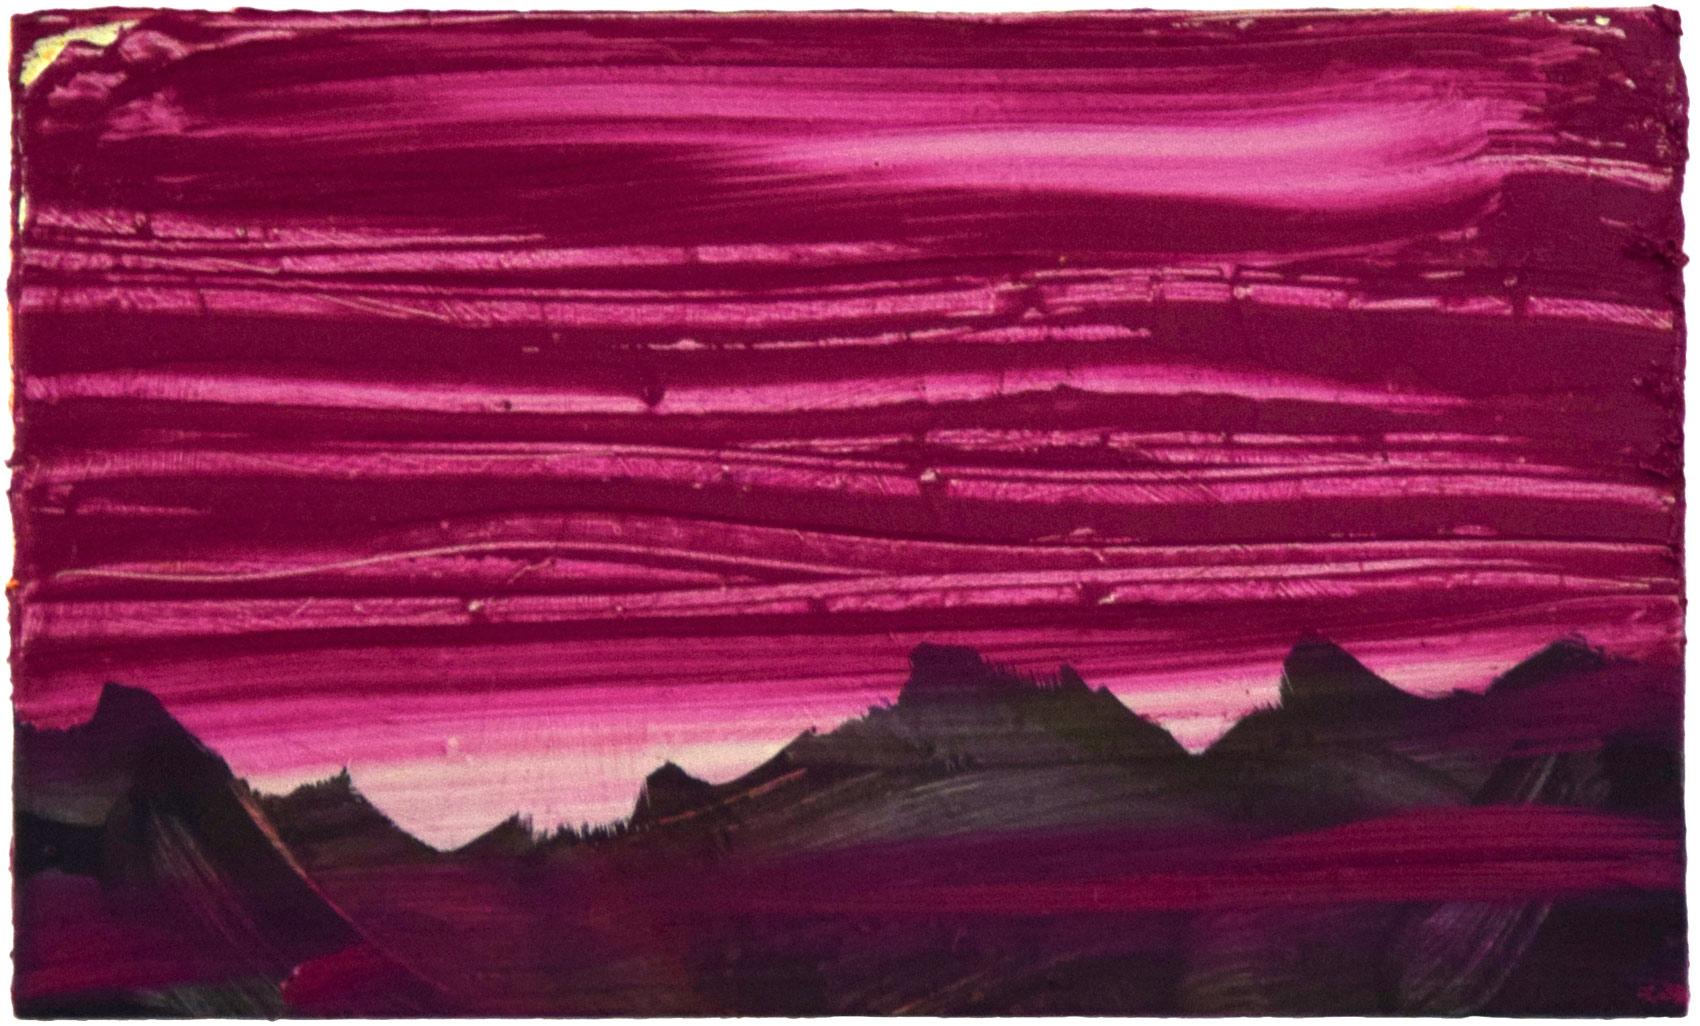 Paysage, 2015, peinture acrylique et huile sur bois, 30 x 50 cm